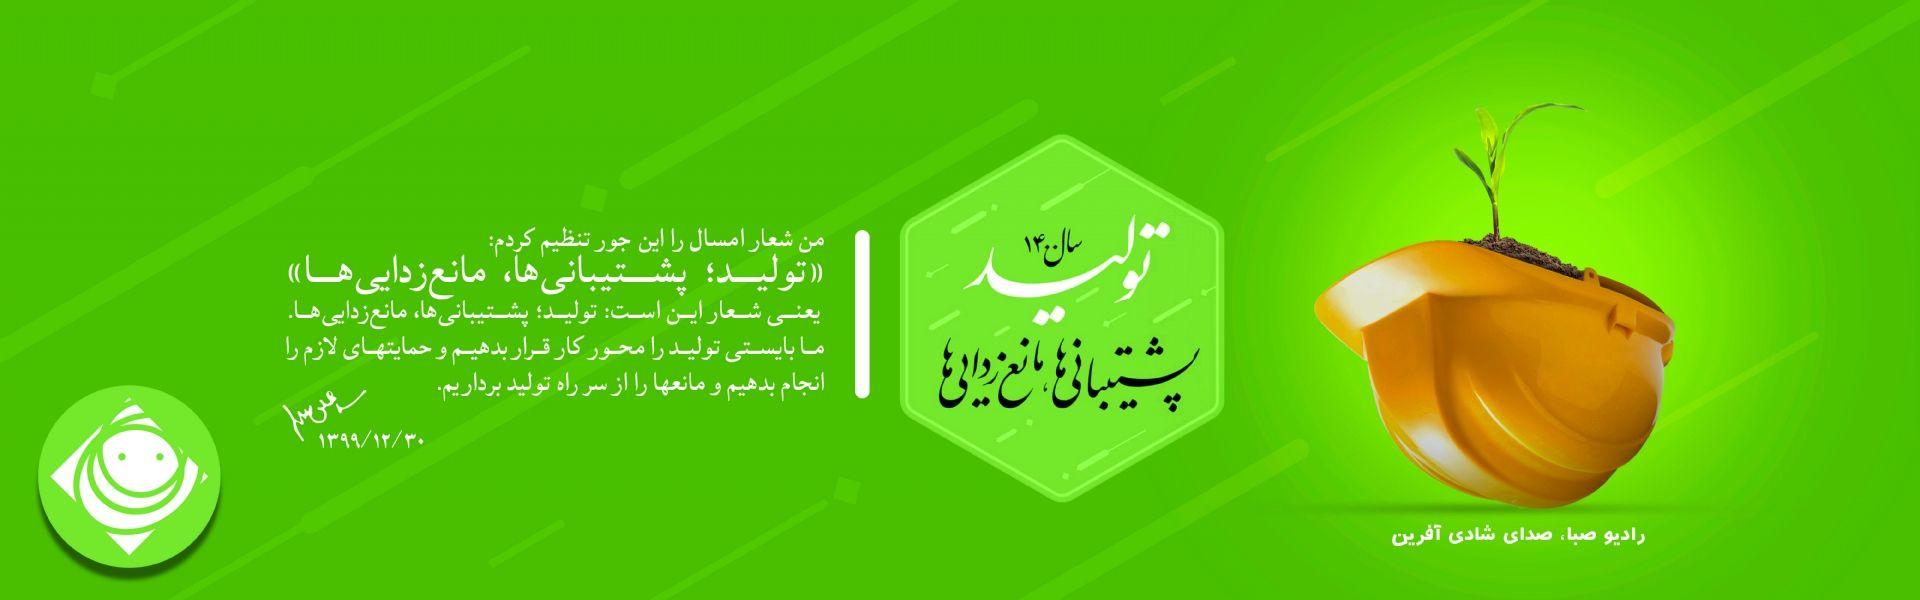 شعار سال سبز رنگ